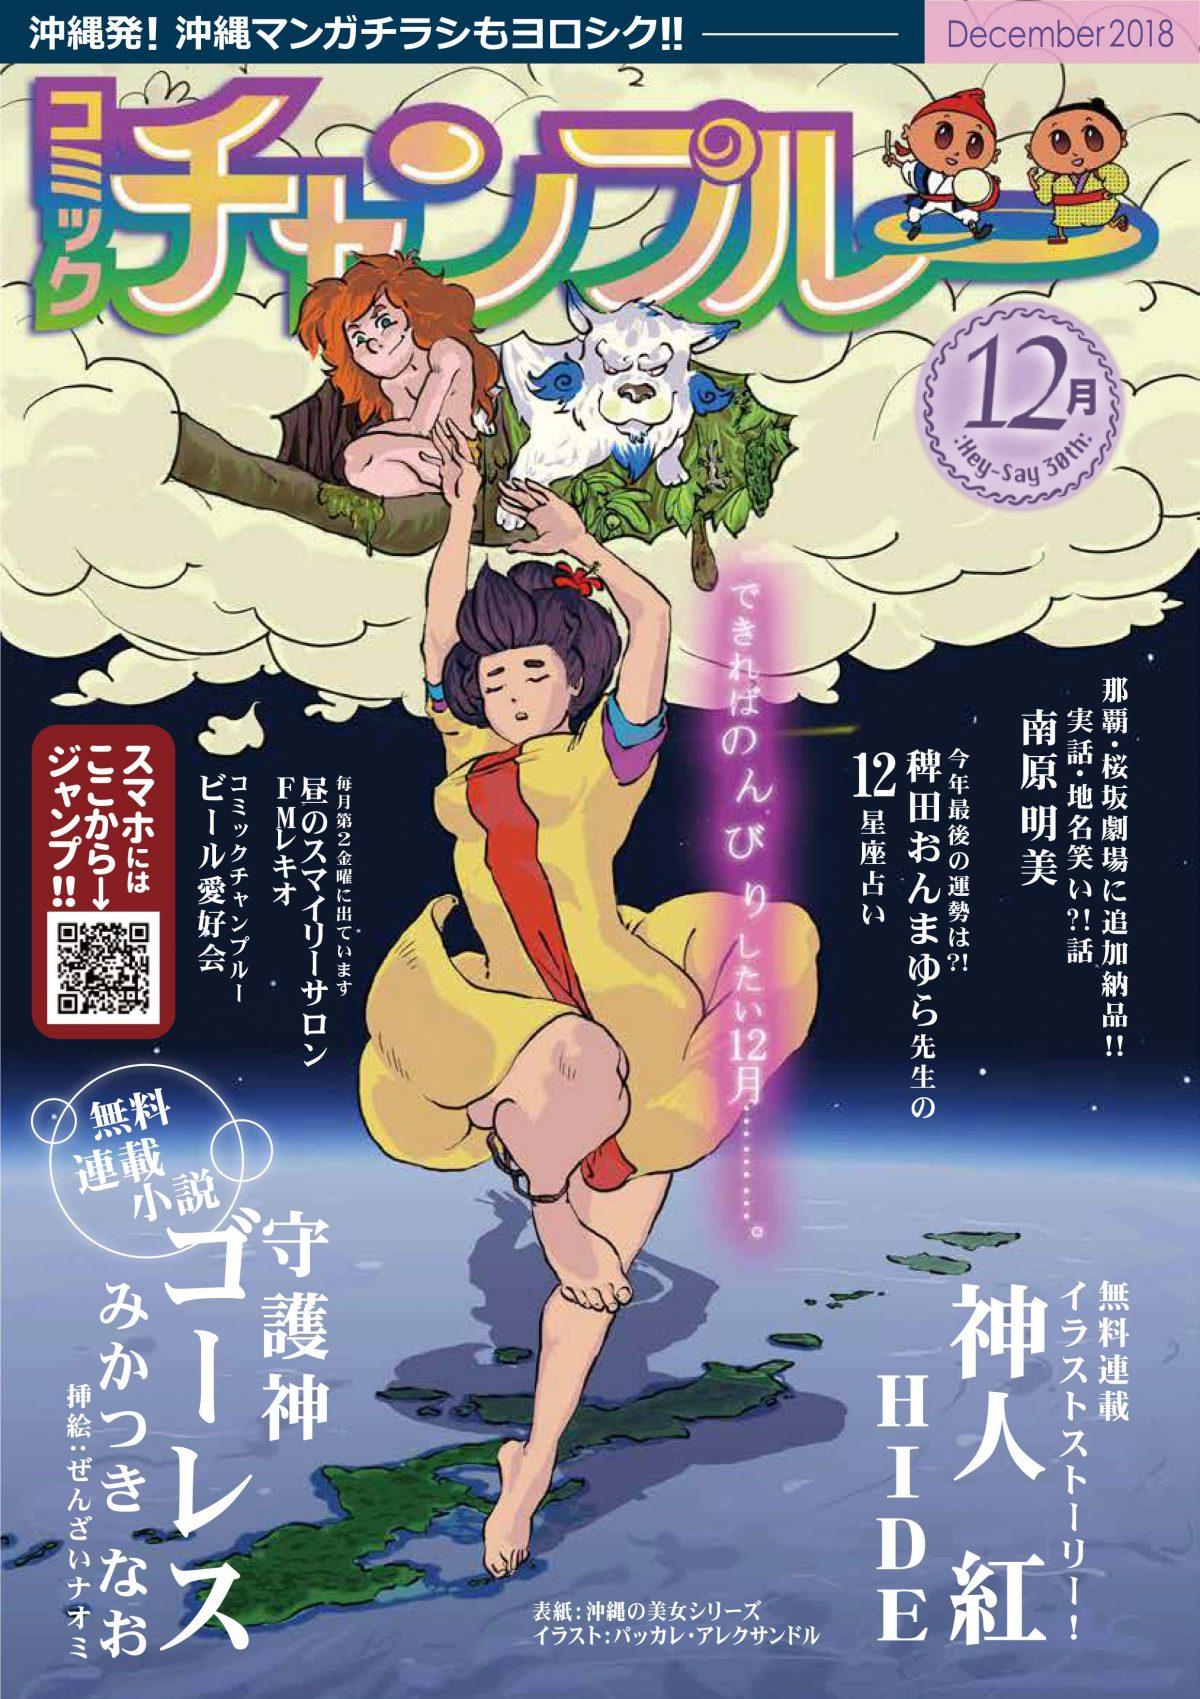 コミックチャンプルー 表紙更新しました! 12月です! 沖縄マンガチラシもやってます!